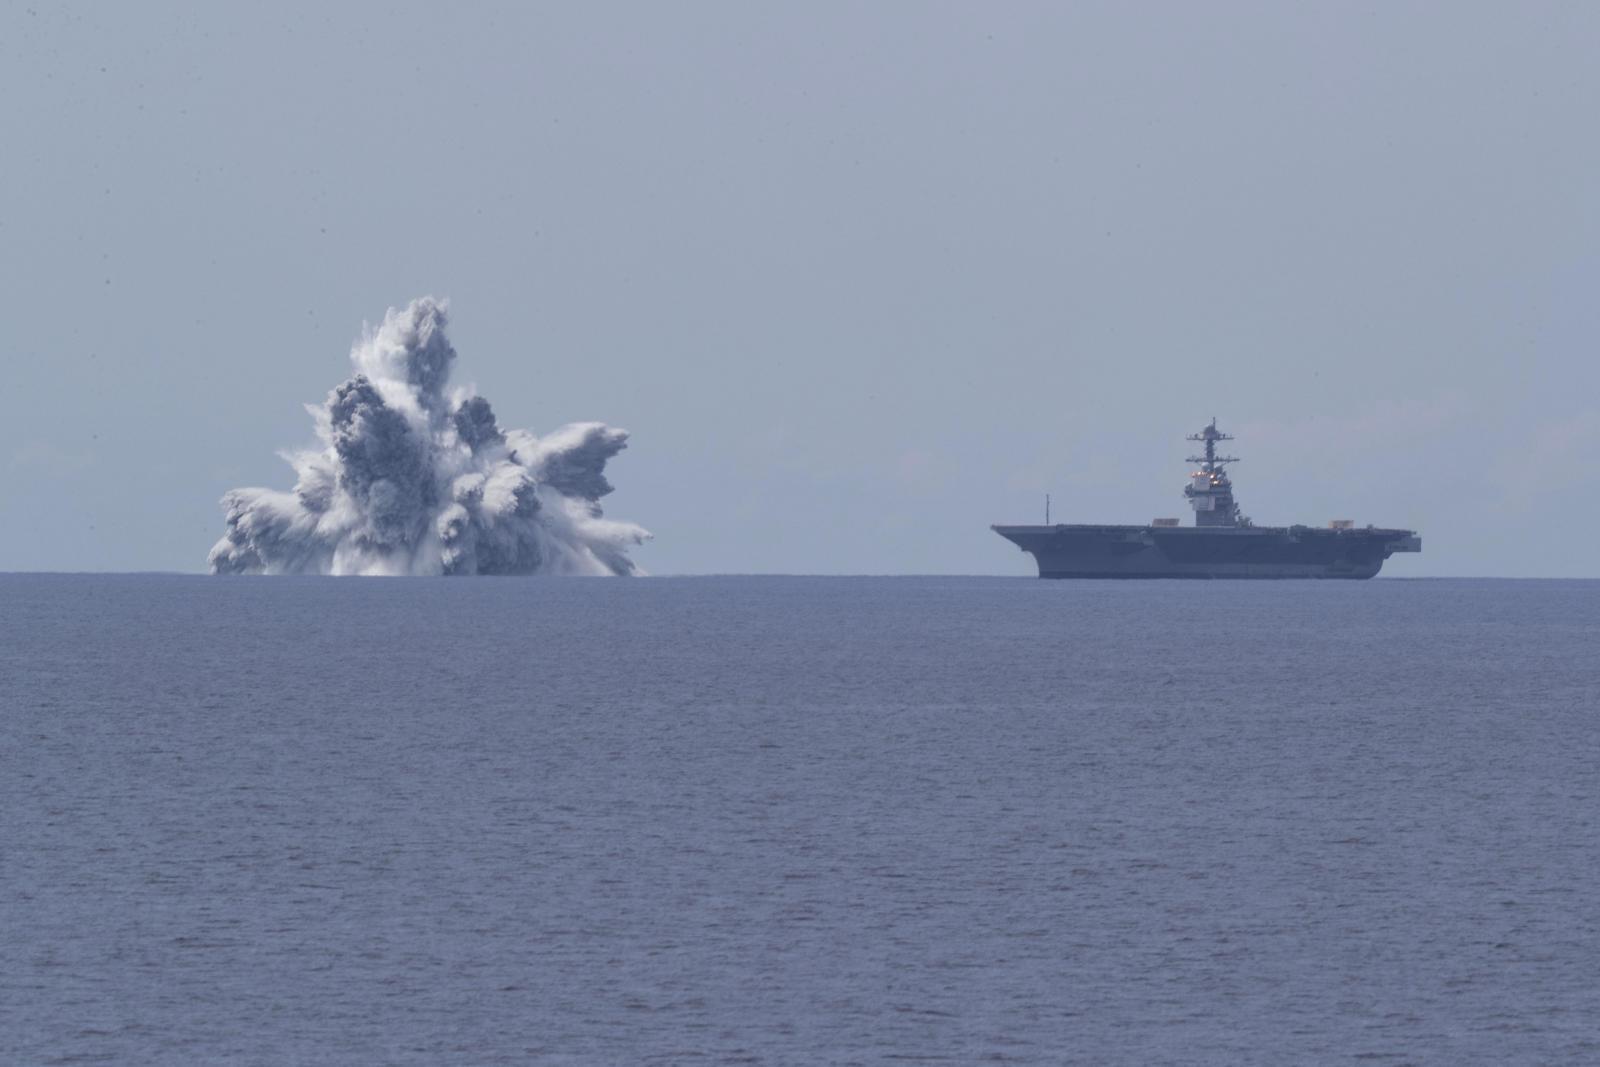 ทัพเรือสหรัฐฯ จุดระเบิด 20 ตันทดสอบความแข็งแกร่งเรือบรรทุกเครื่องบิน